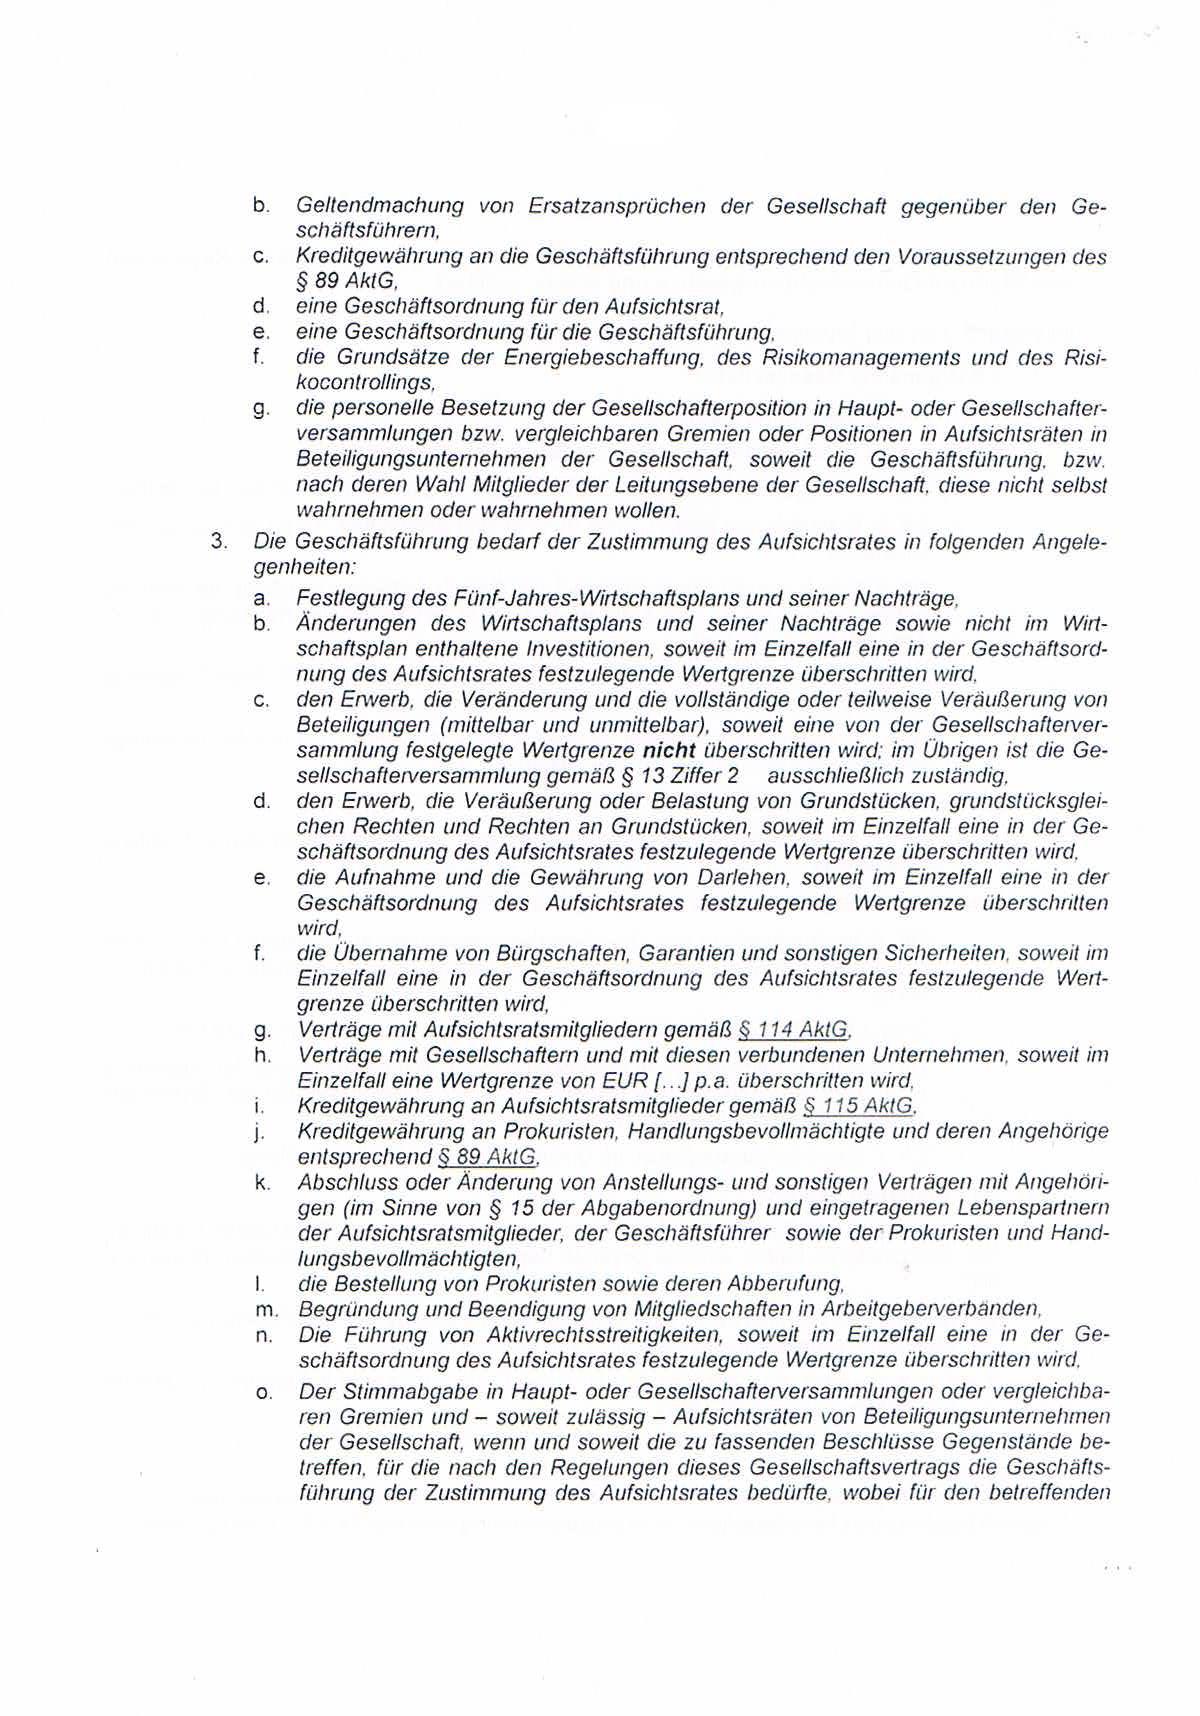 swa-Antwortschreiben vom 14.04.2015, Seite 4 - geweißt